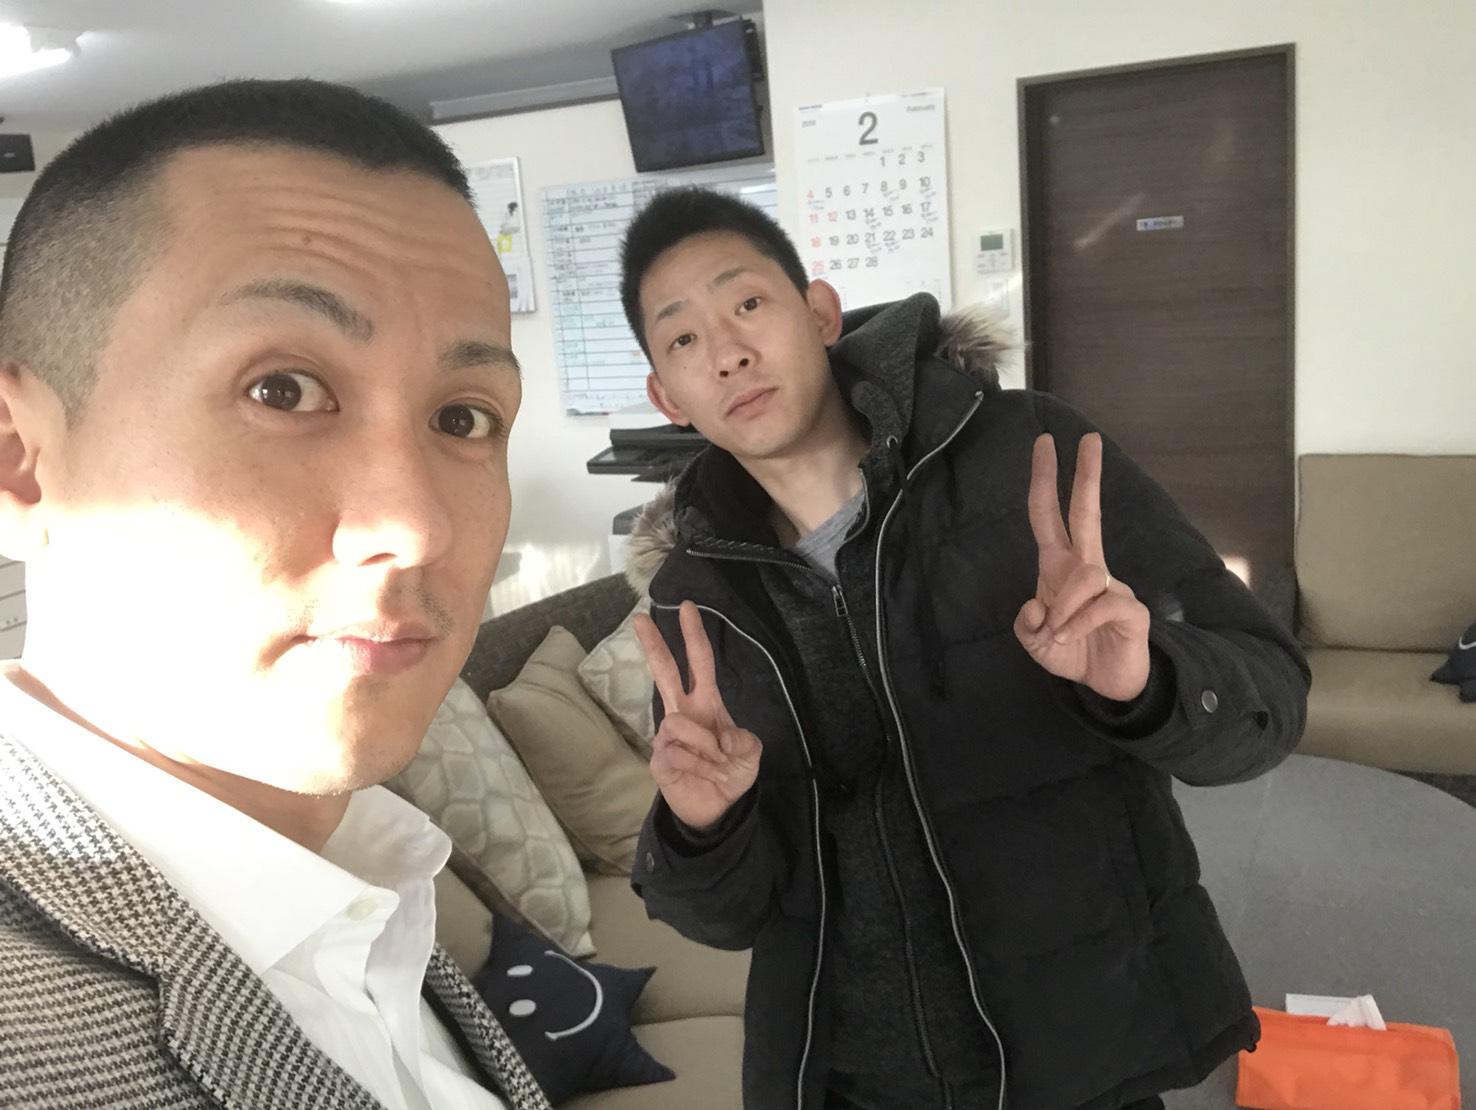 2月13日 火曜日のひとログ(´▽`) エスカレード♬レンタカーあります!!購入も可♬TOMMY_b0127002_17335885.jpg